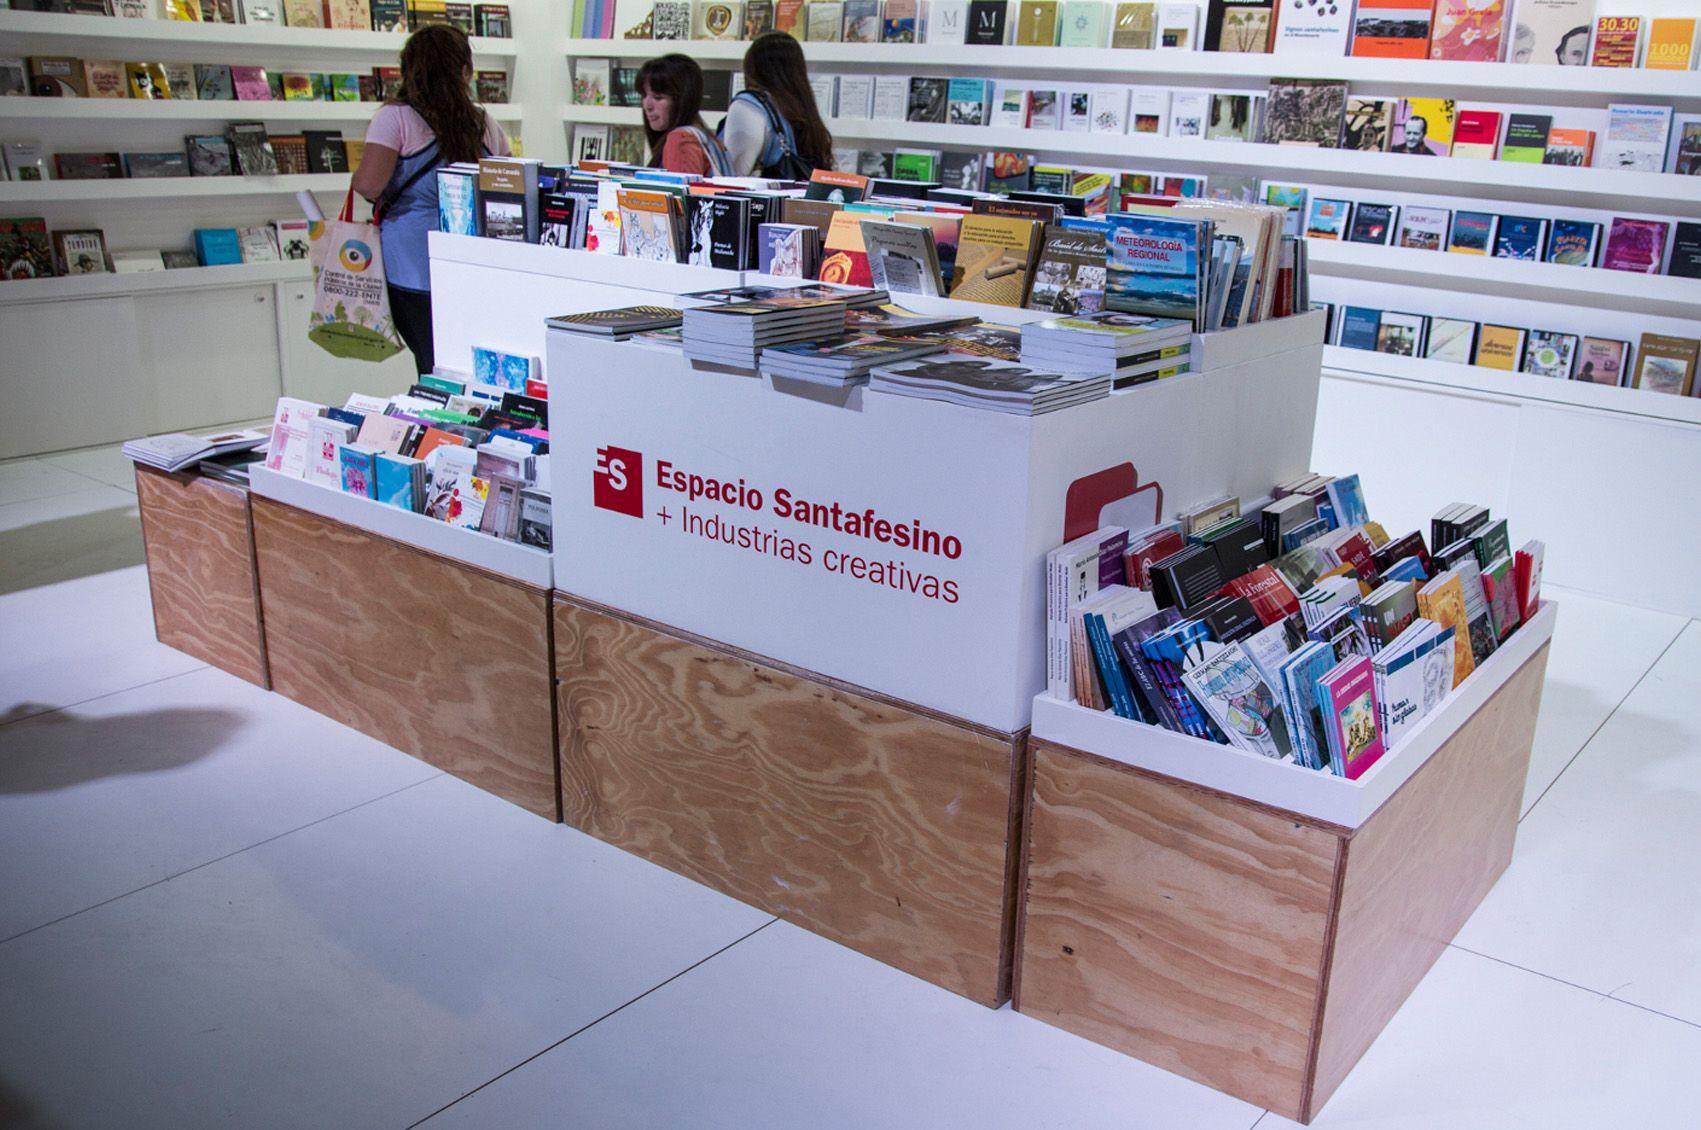 El día de Santa Fe se celebró en la Feria del Libro de Buenos Aires al inaugurarse la tradicional muestra este jueves 23./ Secretaría Comunicación Social.